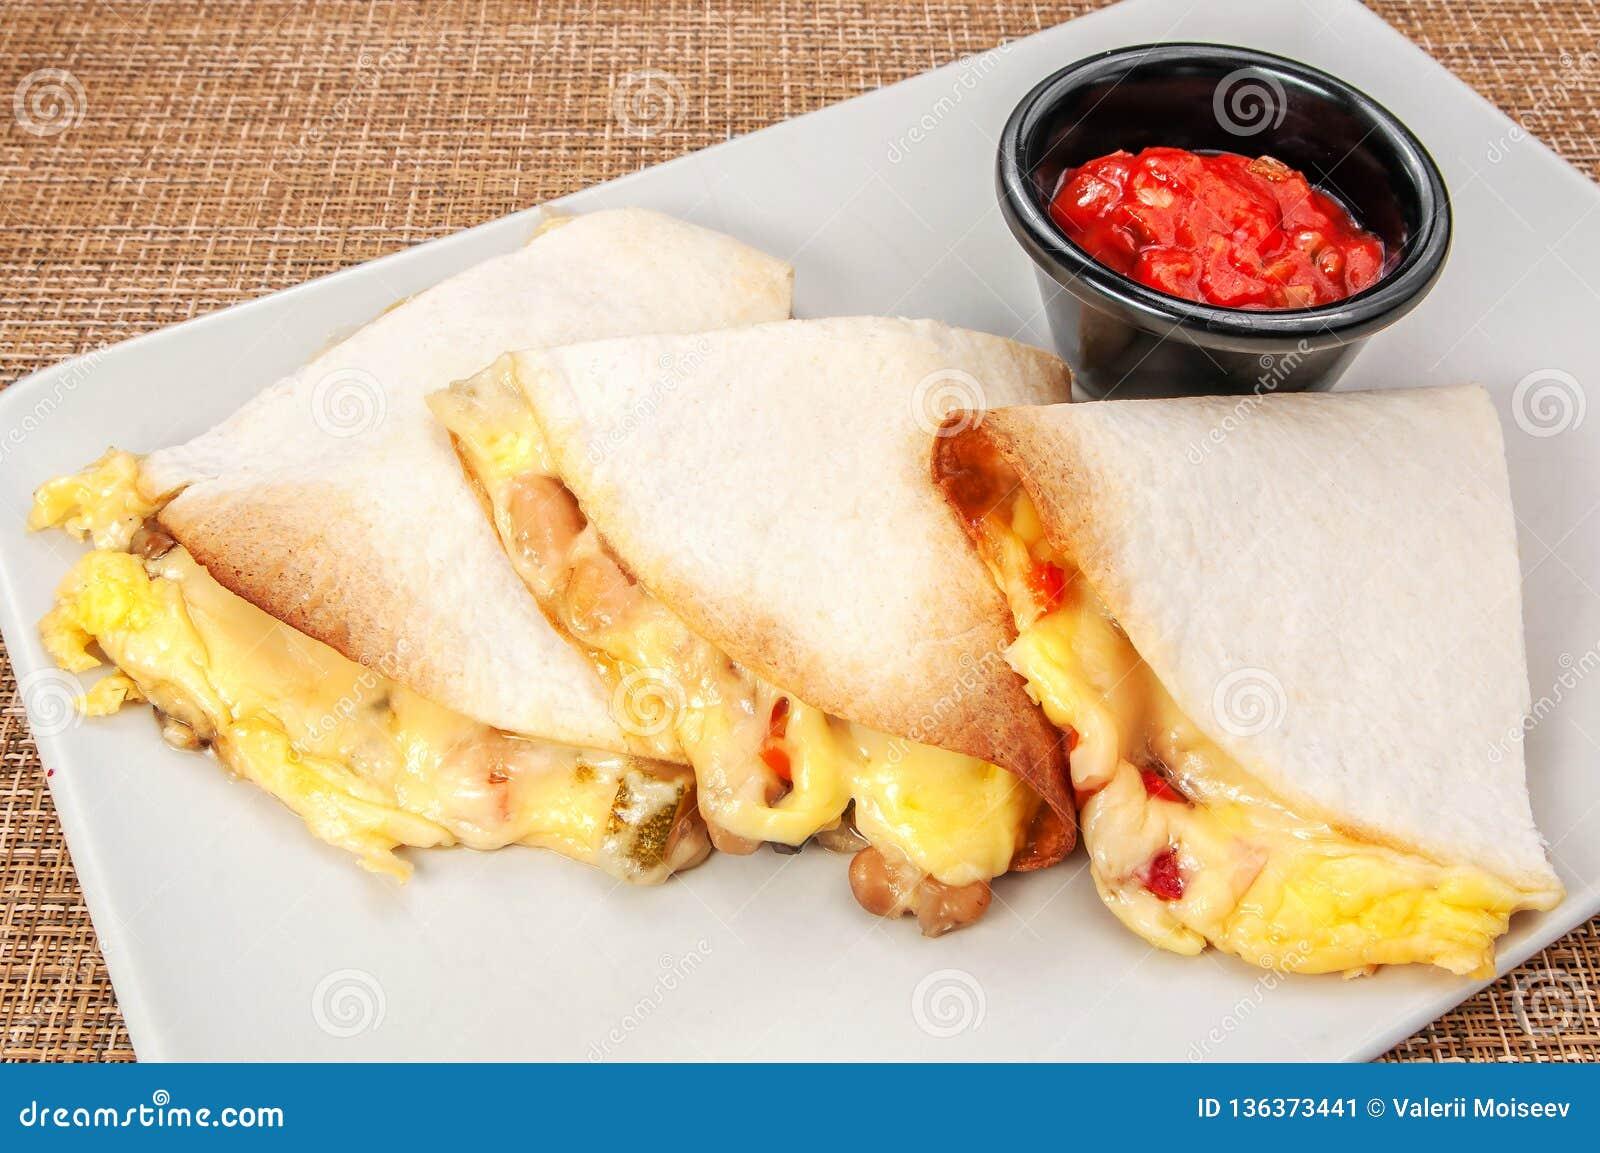 Drei Burrito Burritosverpackungen mit Rindfleisch und Gemüse auf weißer Platte mit roter Soße